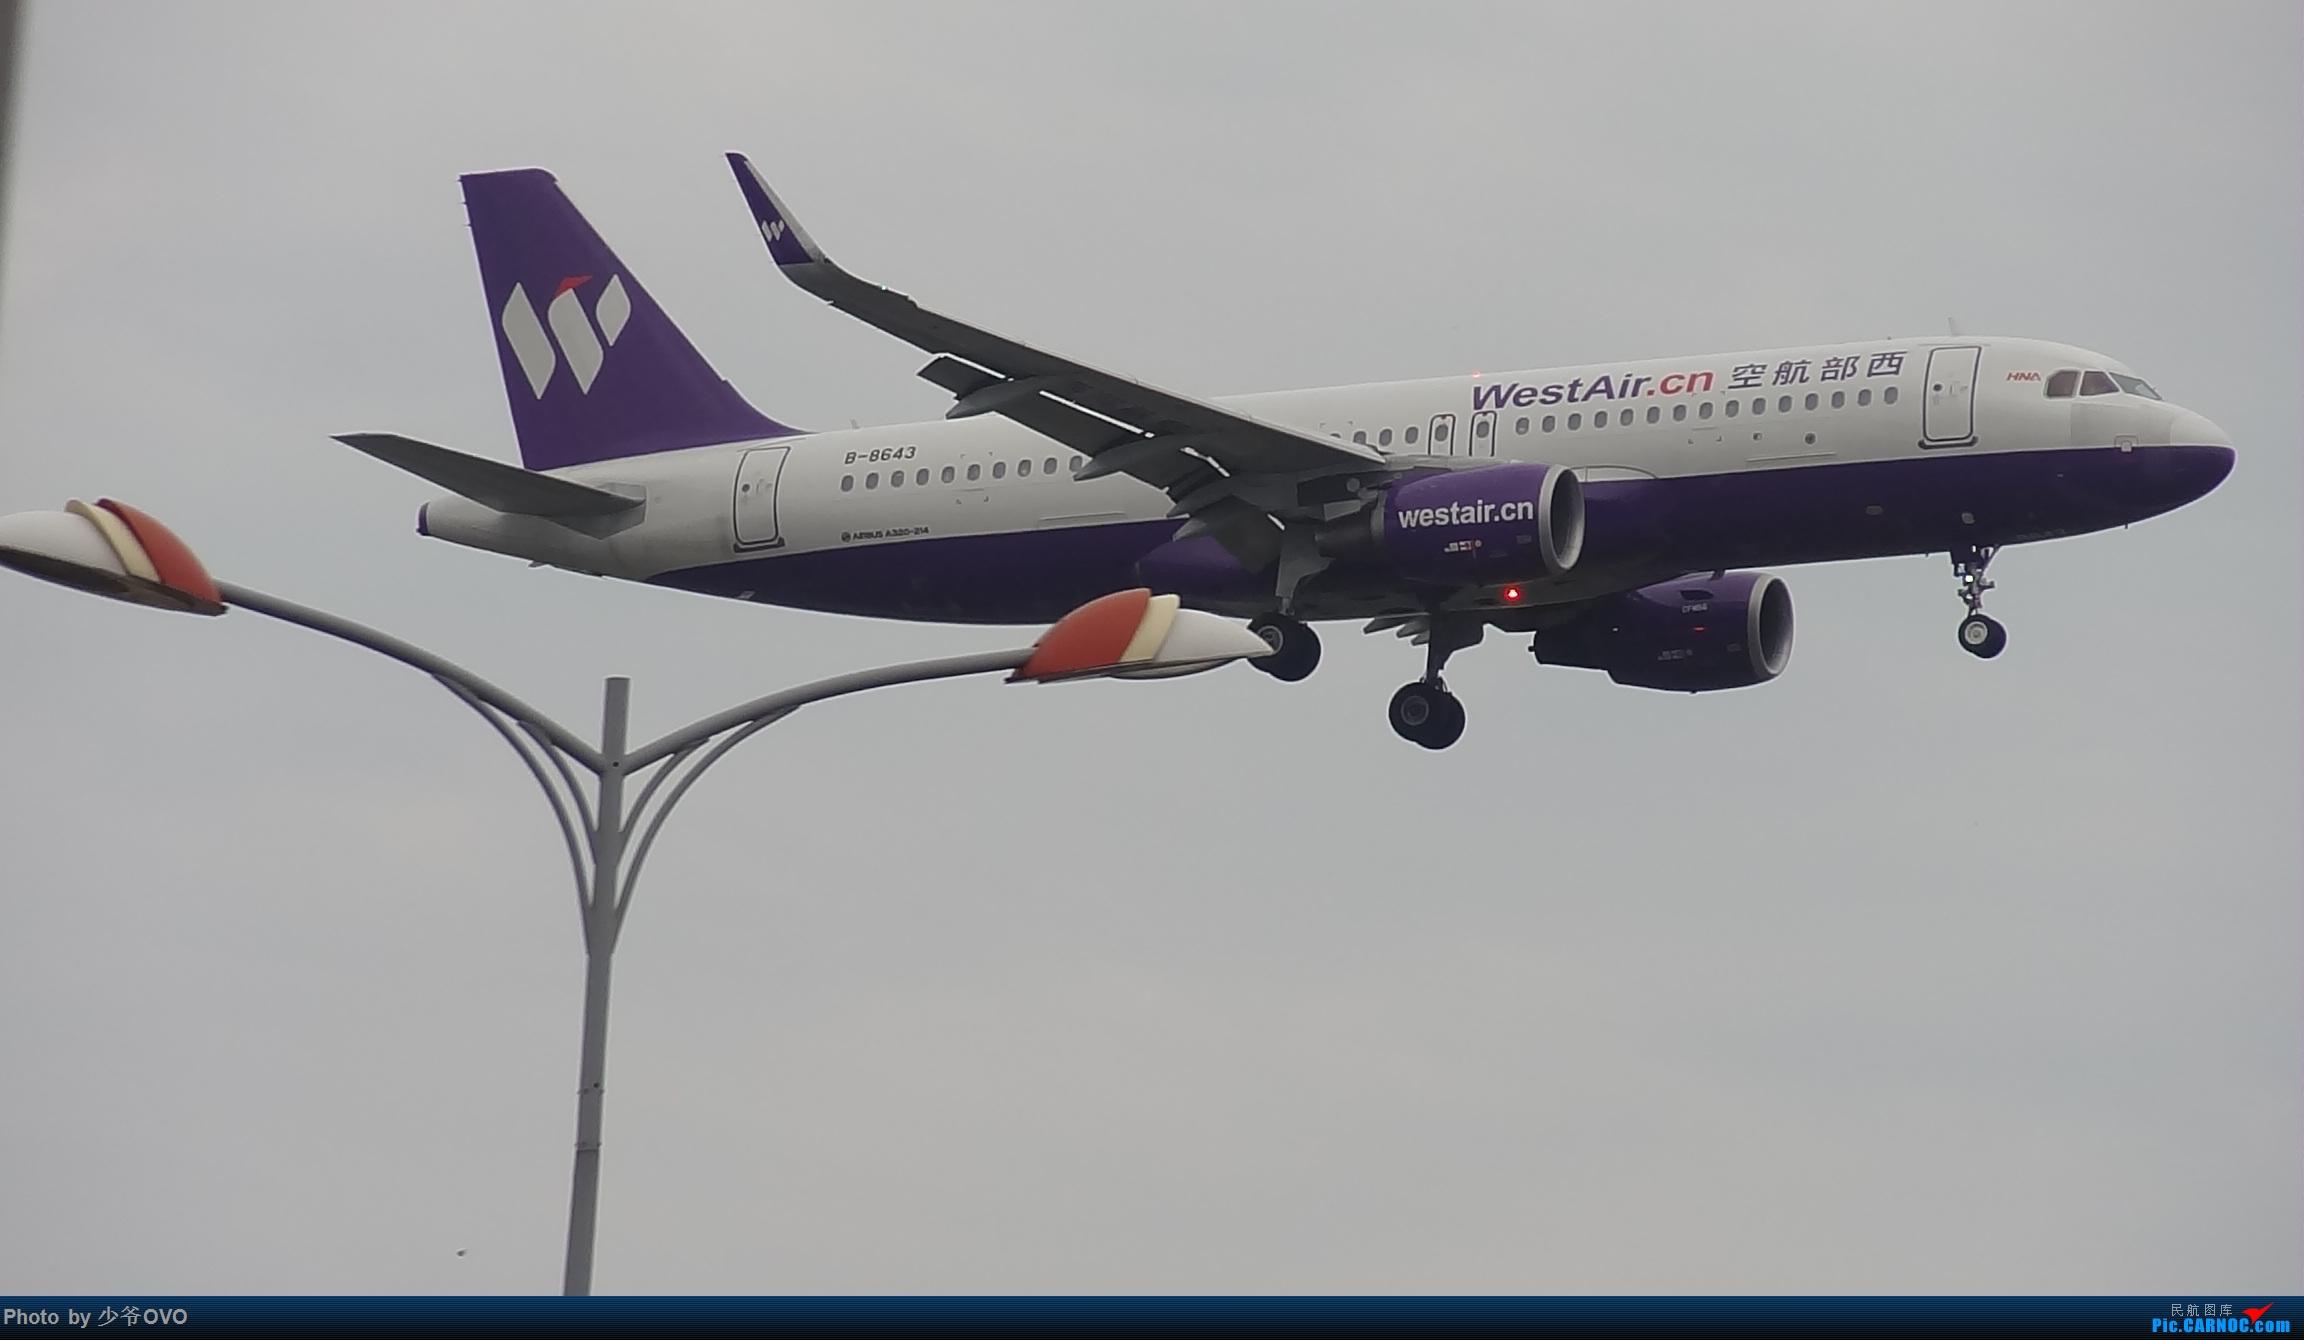 Re:[原创]CKG拍机,数码机最后的倔强 AIRBUS A320-200 B-8643 中国重庆江北国际机场